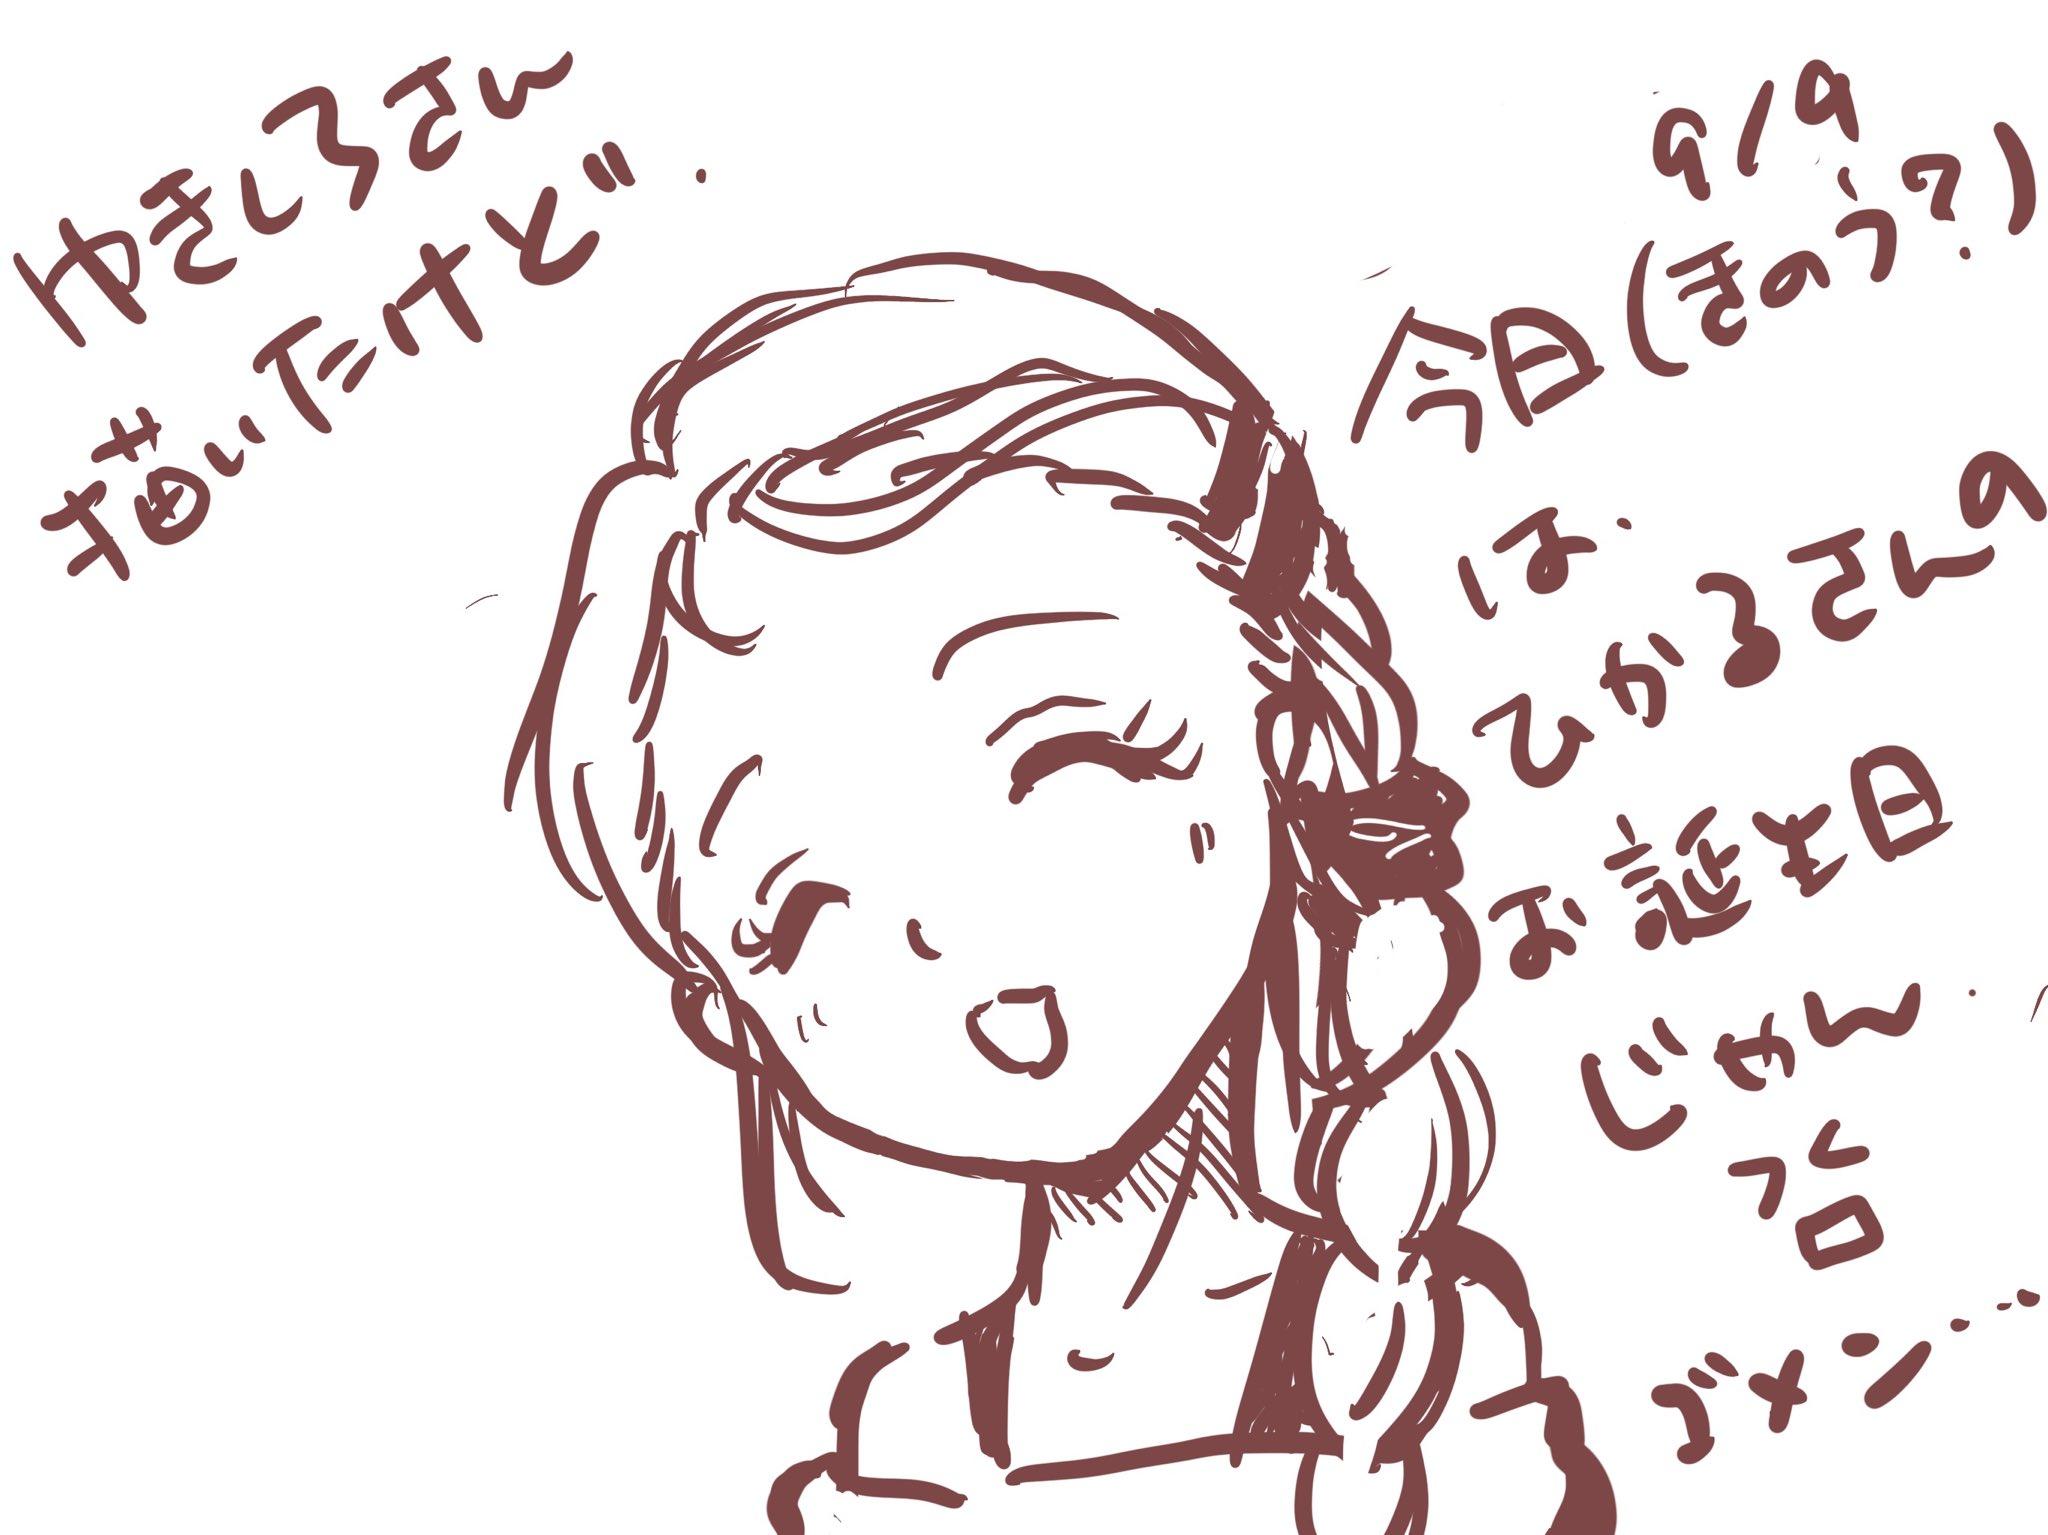 とつ@練習中 (@totsu_oekaki)さんのイラスト